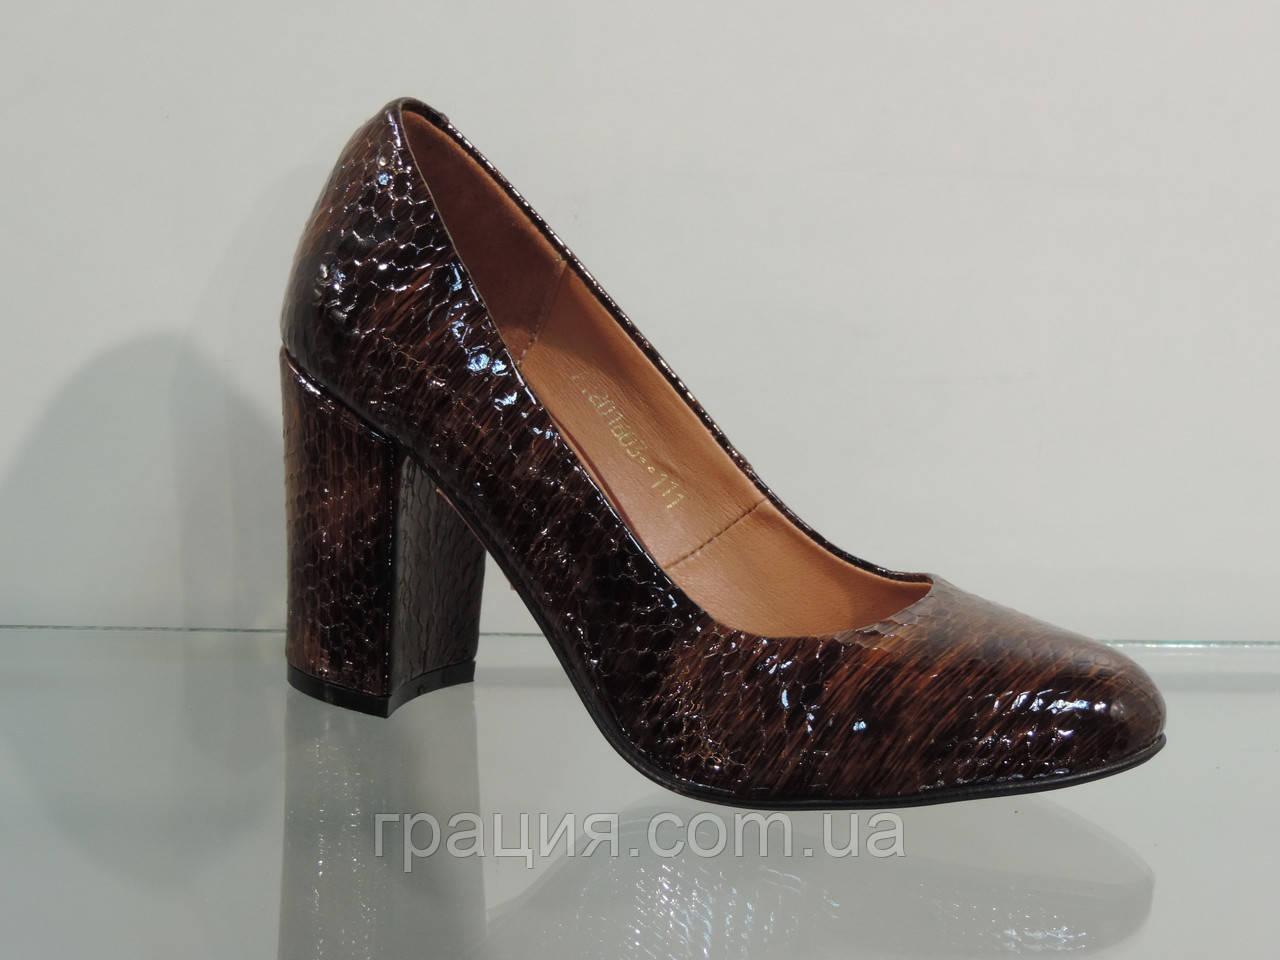 Туфлі жіночі лакові натуральні на підборах коричневі